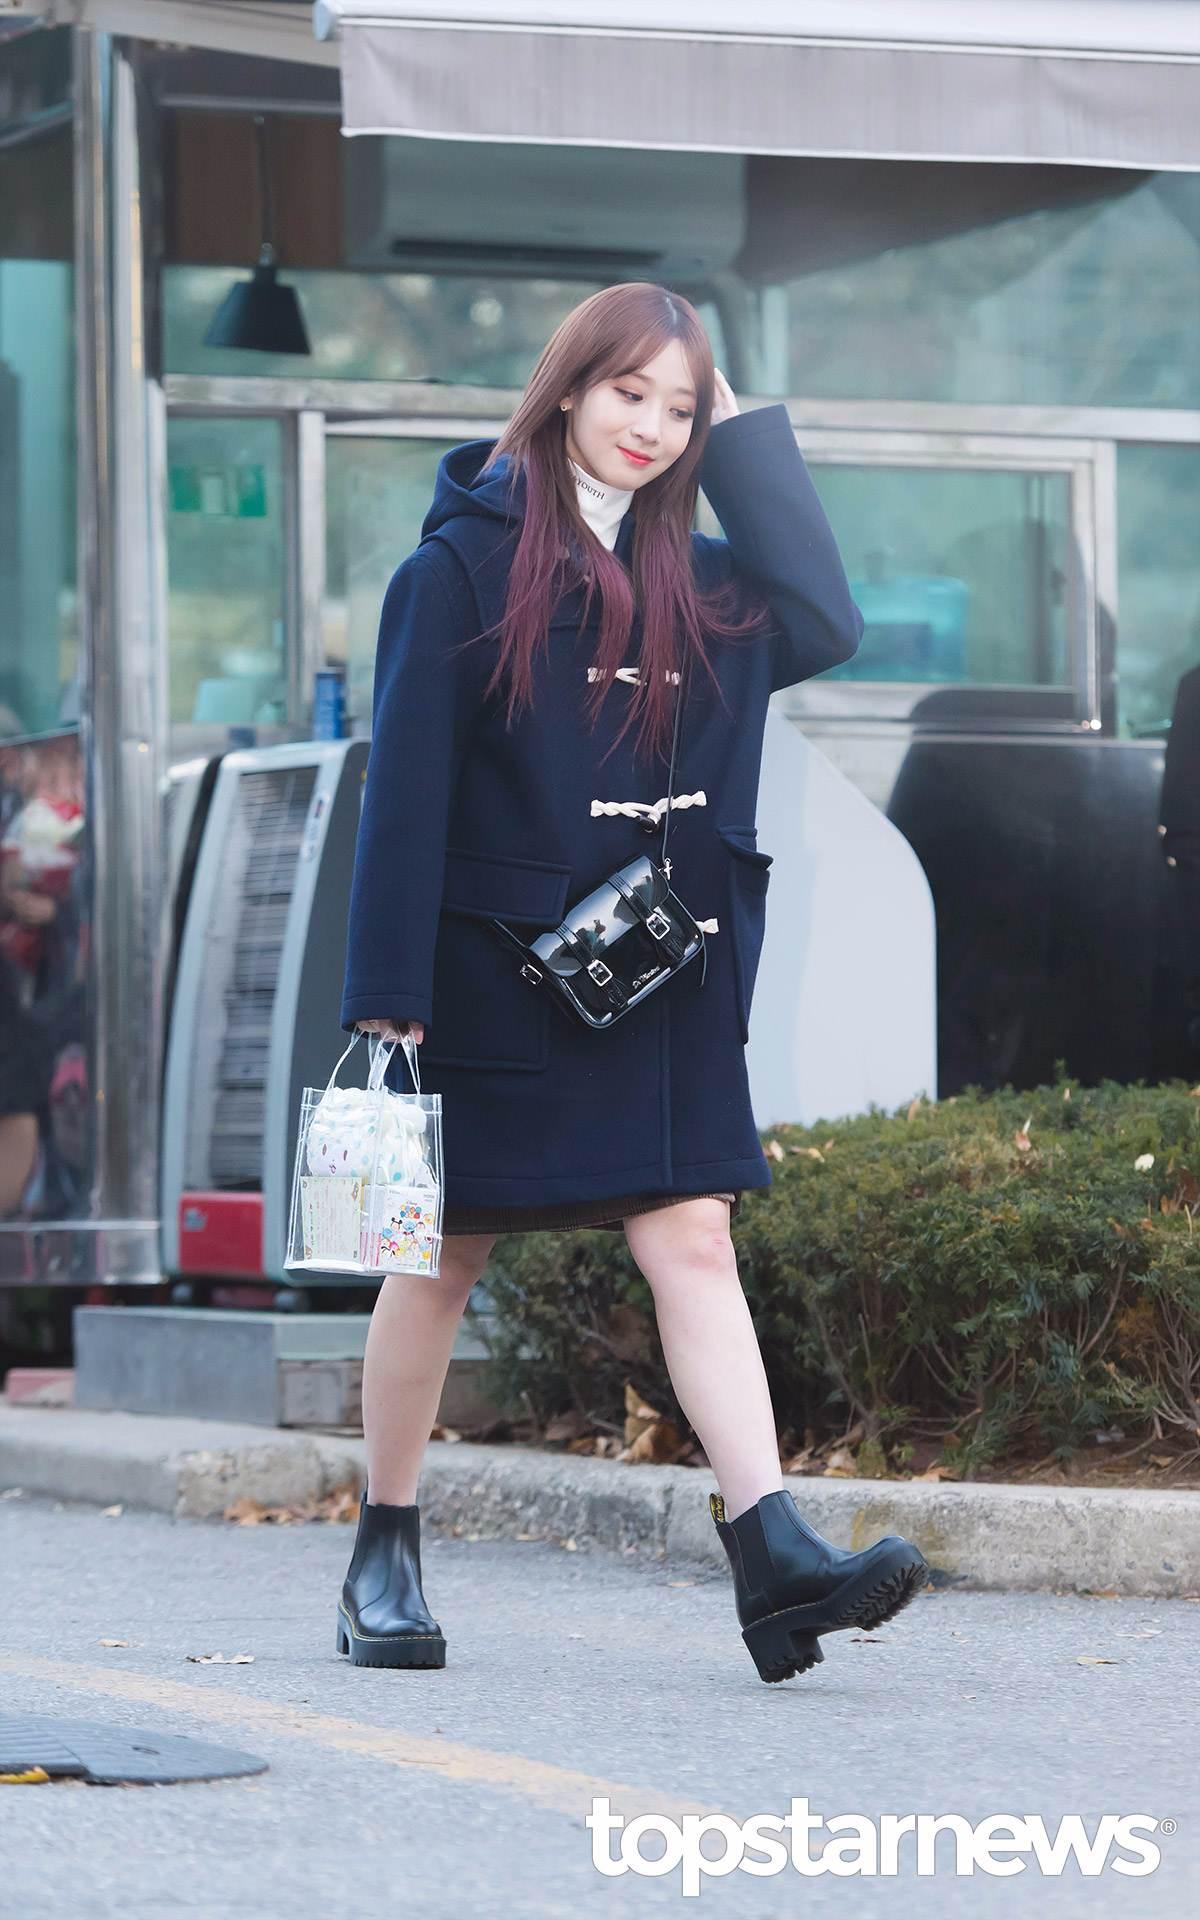 如果比較不怕冷的女孩也可以搭件短裙,再配上簡單的小短靴,就能擺脫休閒感、增加甜美的感覺~